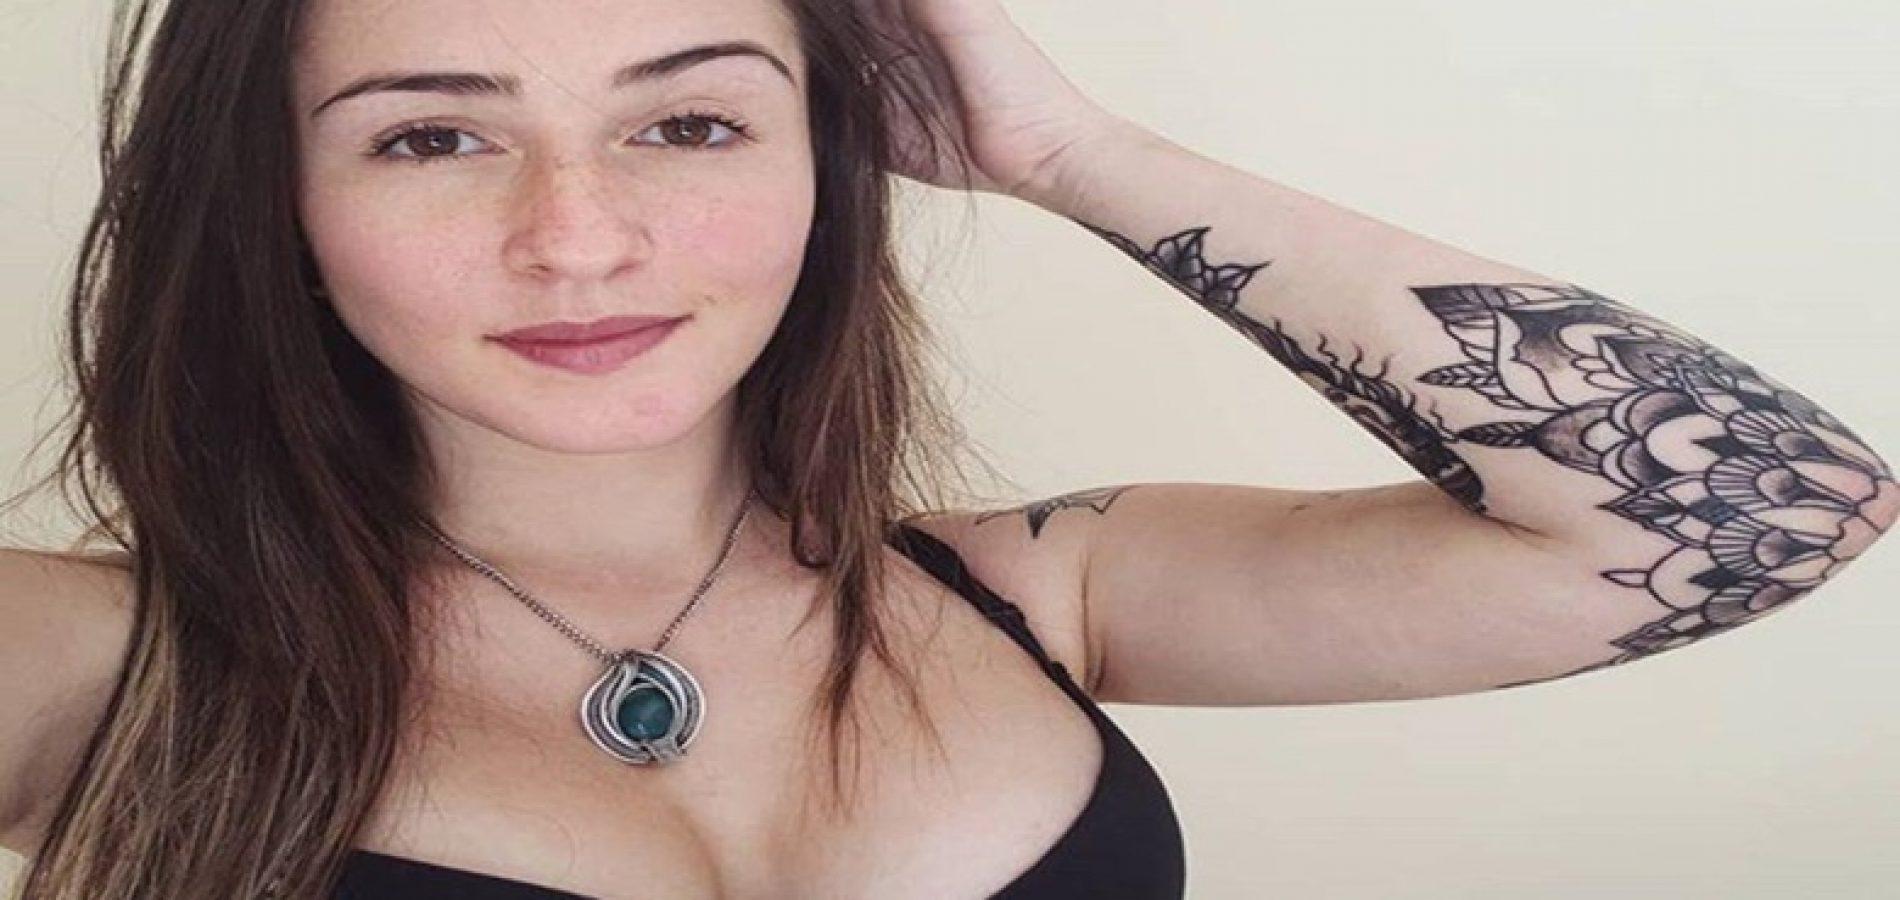 Jovem de 23 anos ganha até R$ 6 mil por mês vendendo nudes